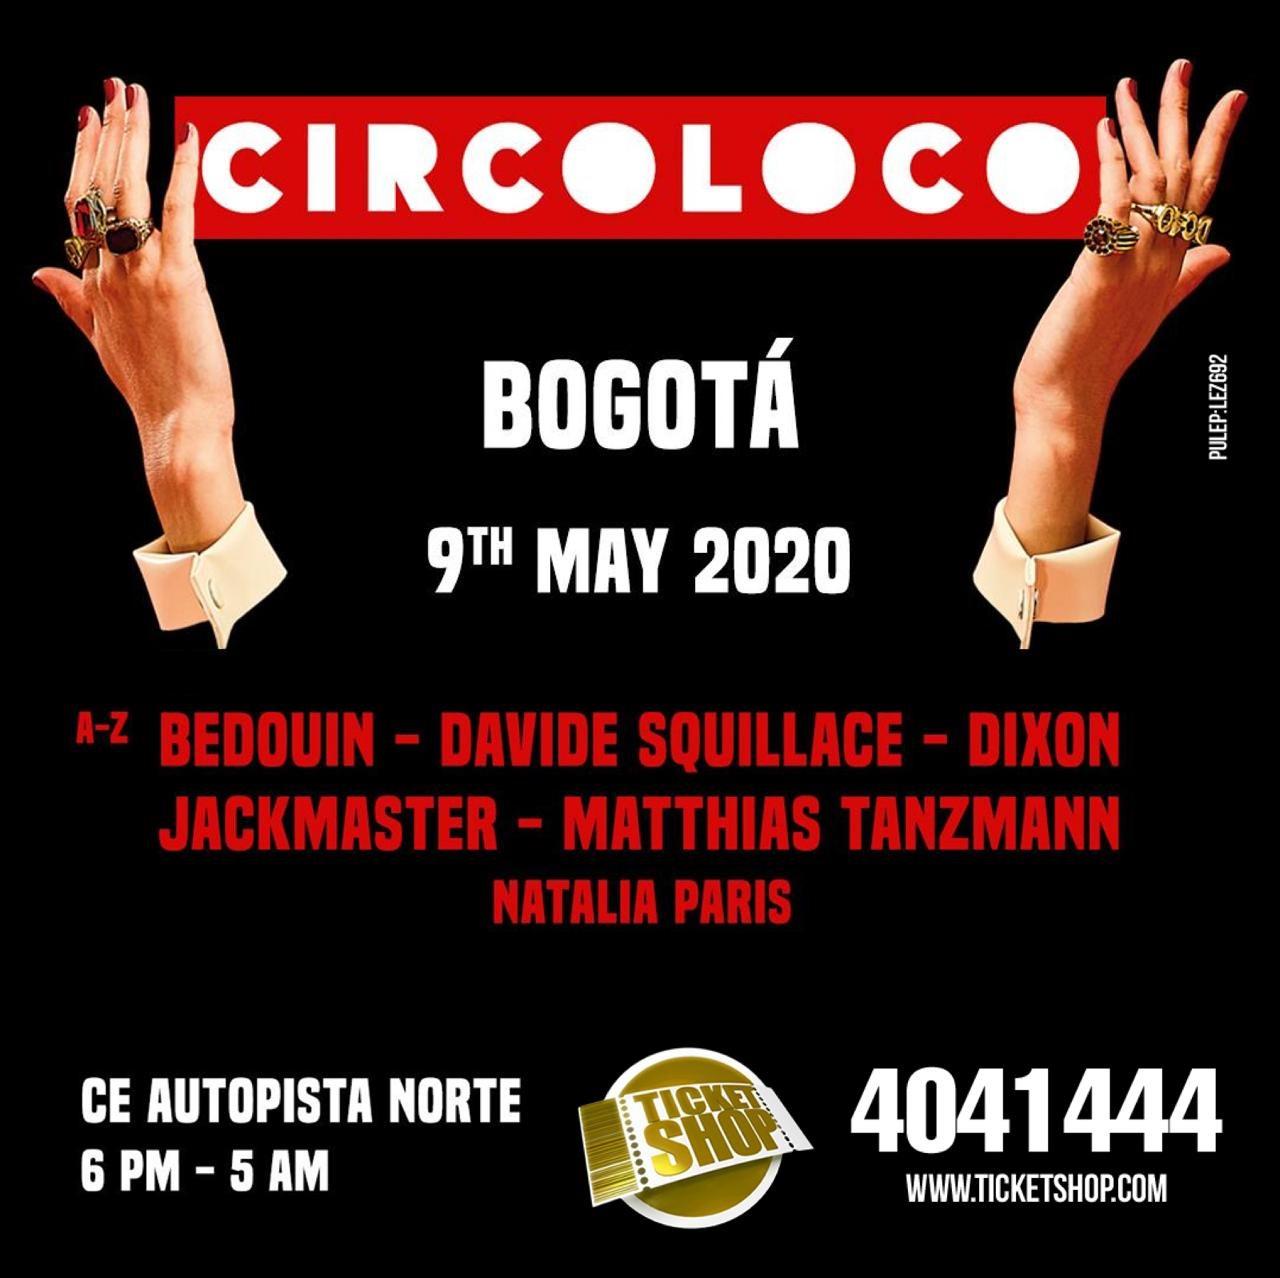 CircoLoco Bogotá 2020 - Flyer front